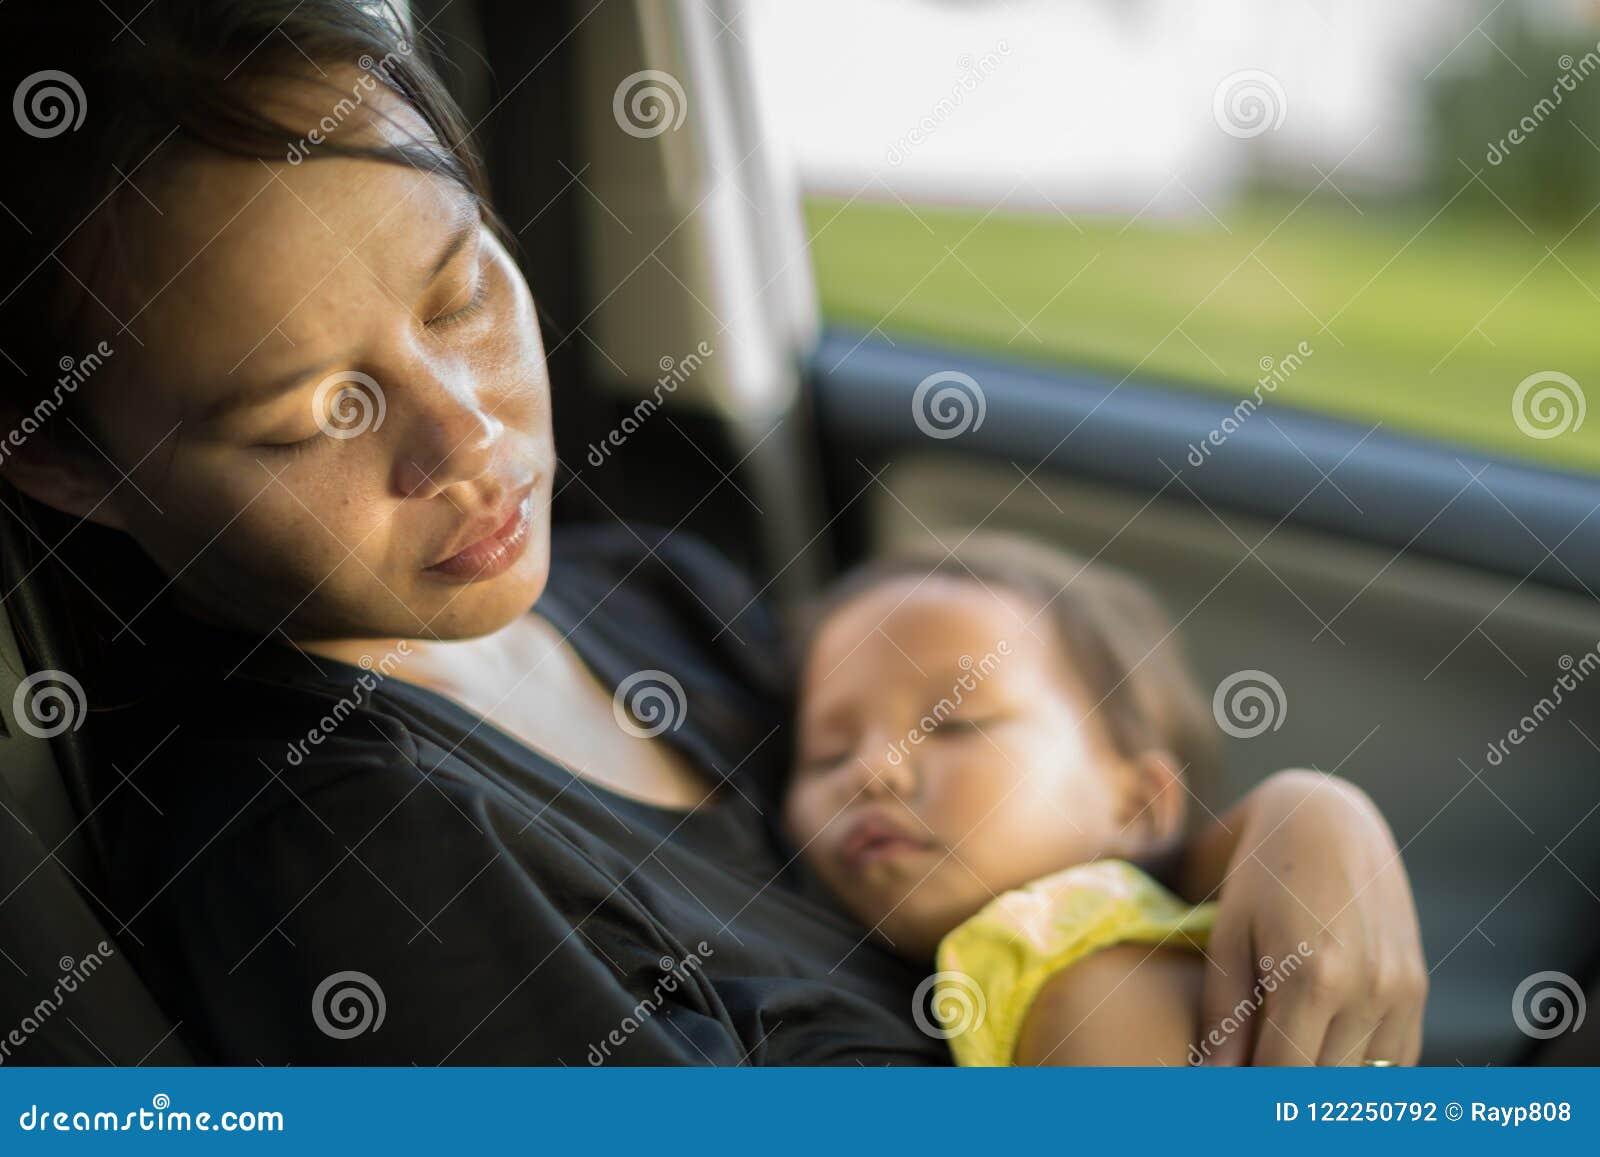 Mãe cansado e esgotada que toma de seu bebê Depressão de Postpardum